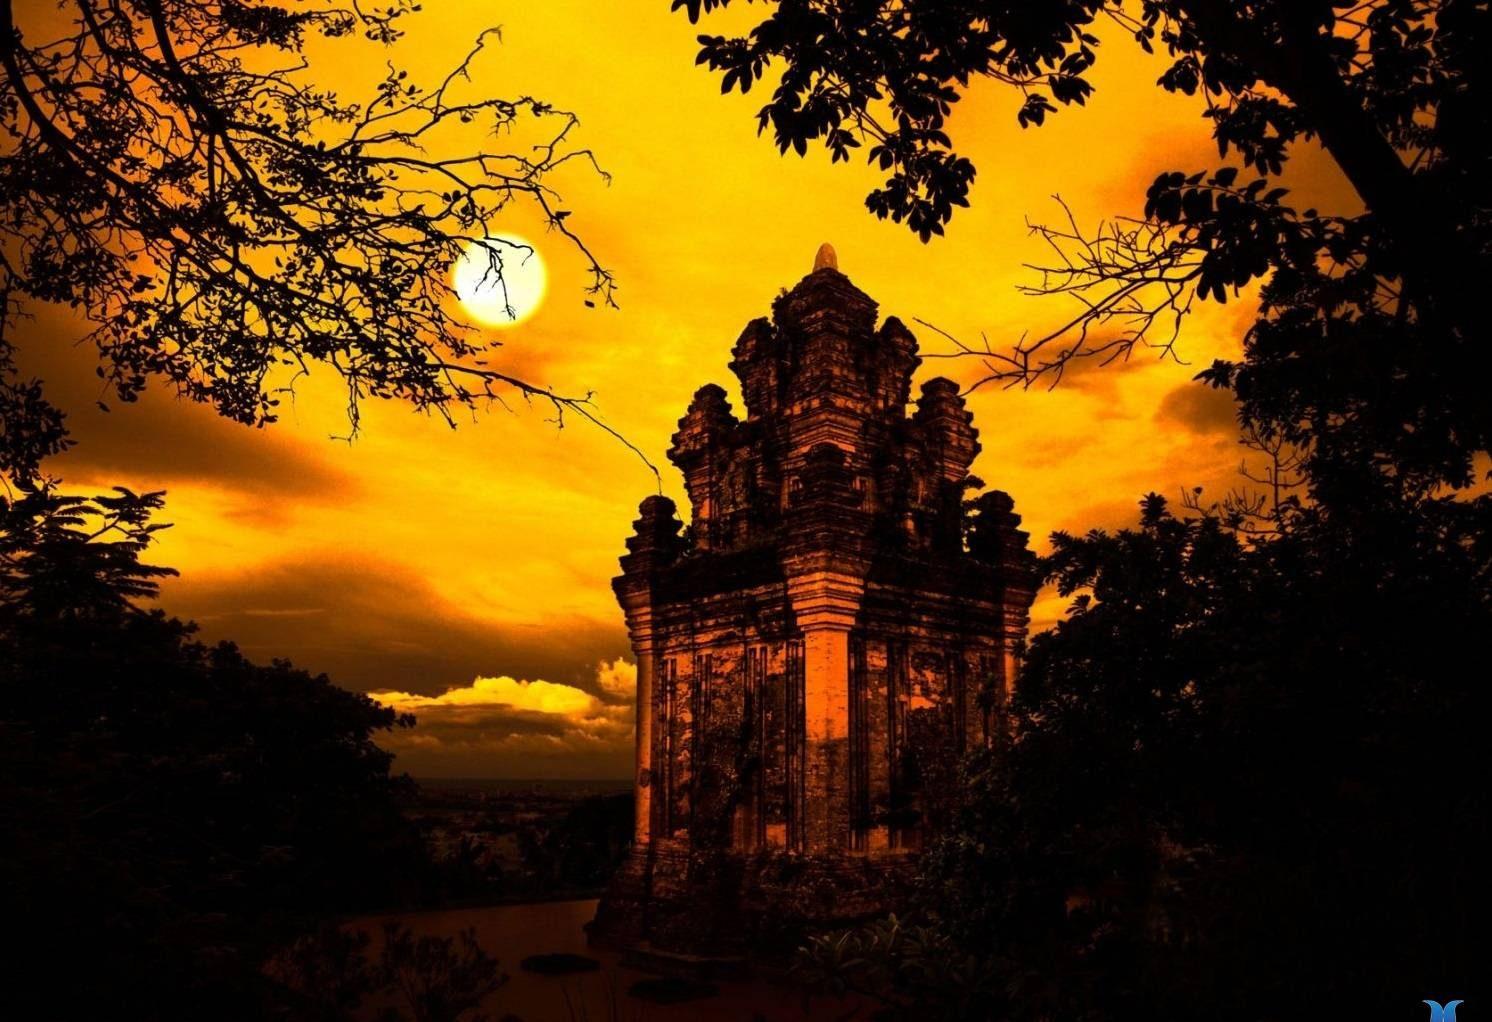 Ngoài việc ghé chơi tại các quán pub ở Tuy Hòa, du khách có thể leo Tháp Nhạn ngắm trăng